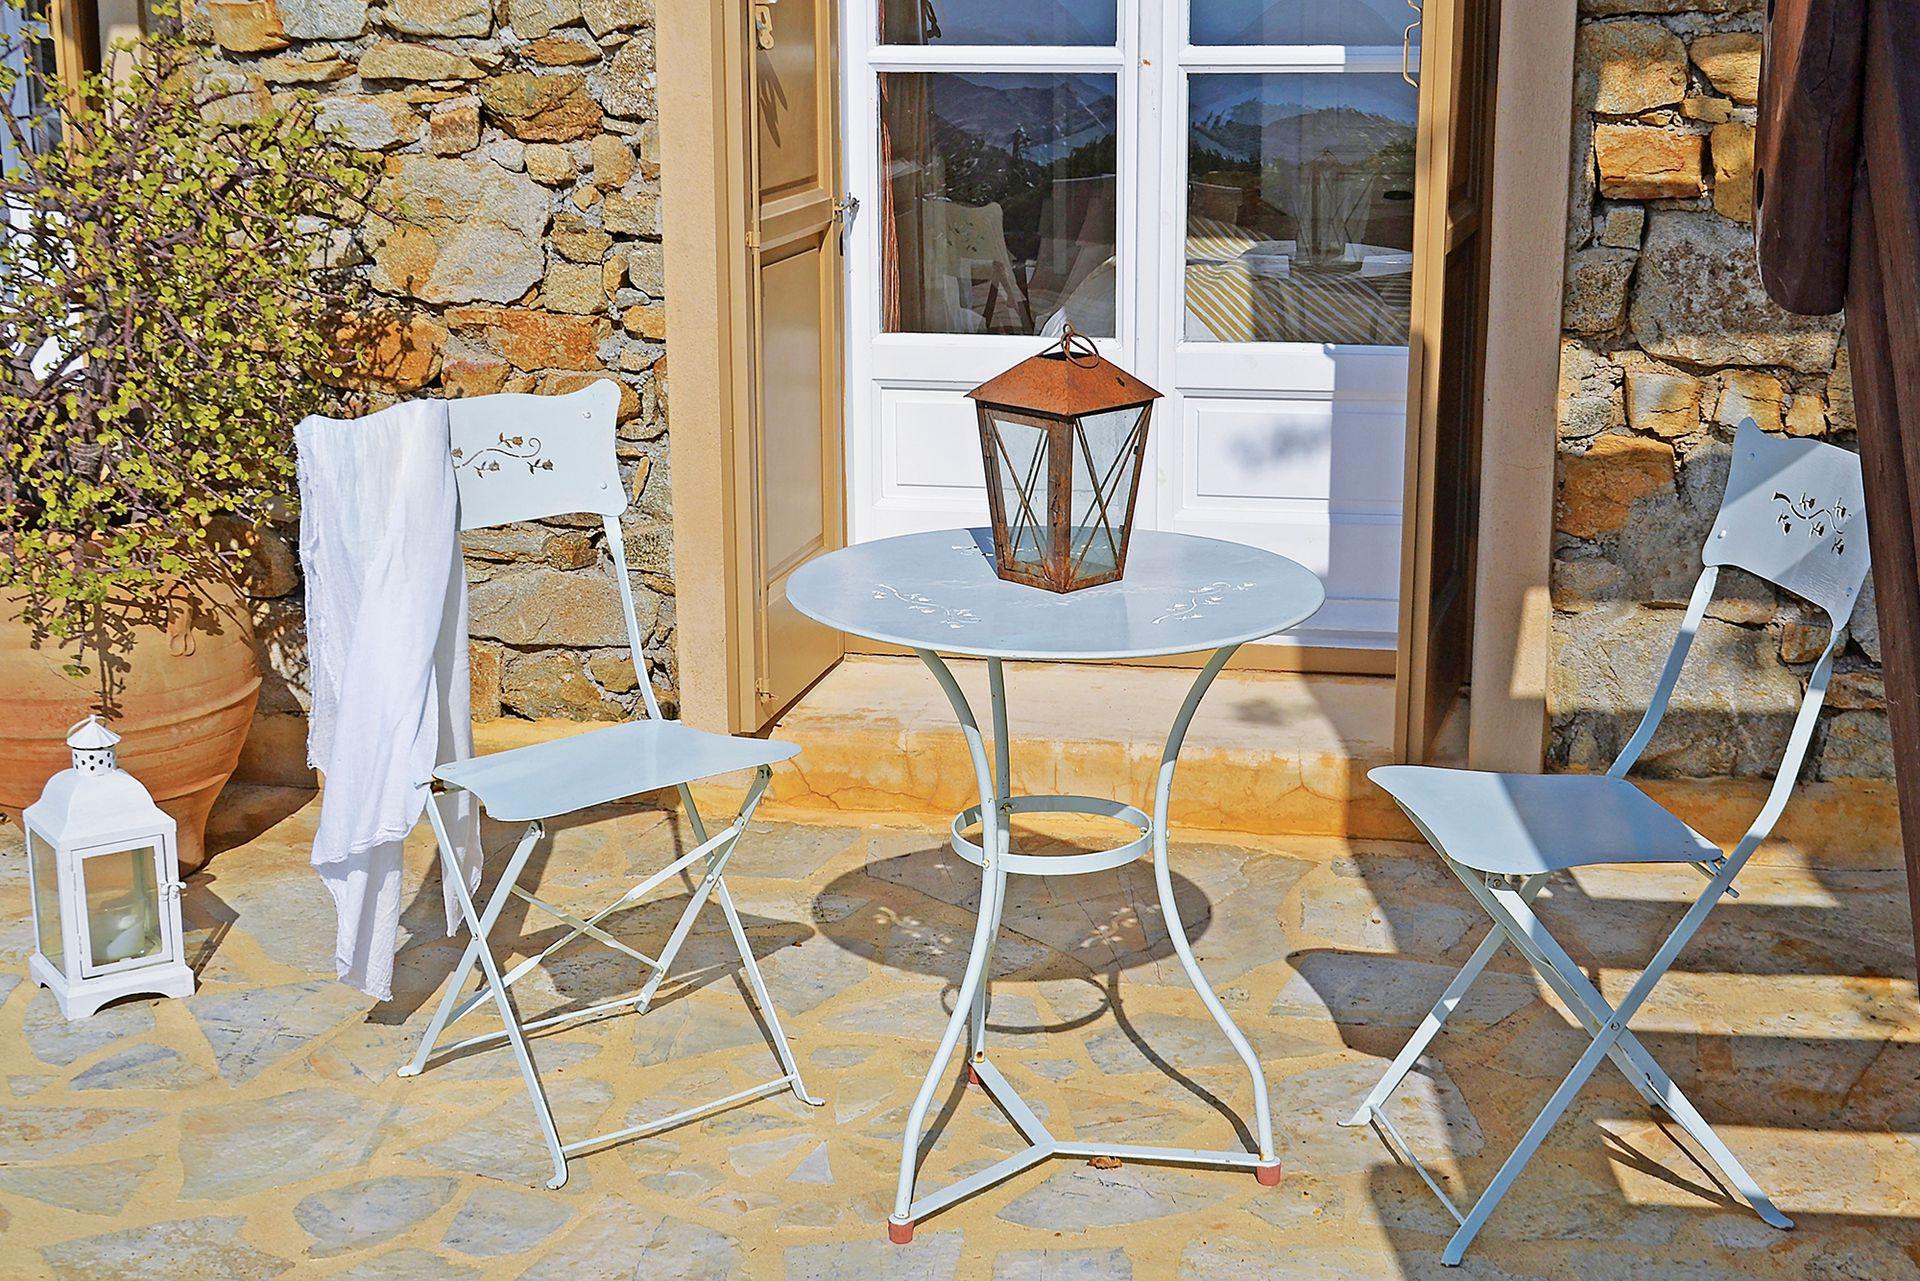 Simples a primera vista, los muebles de exterior tienen pequeños y delicados dibujos labrados.